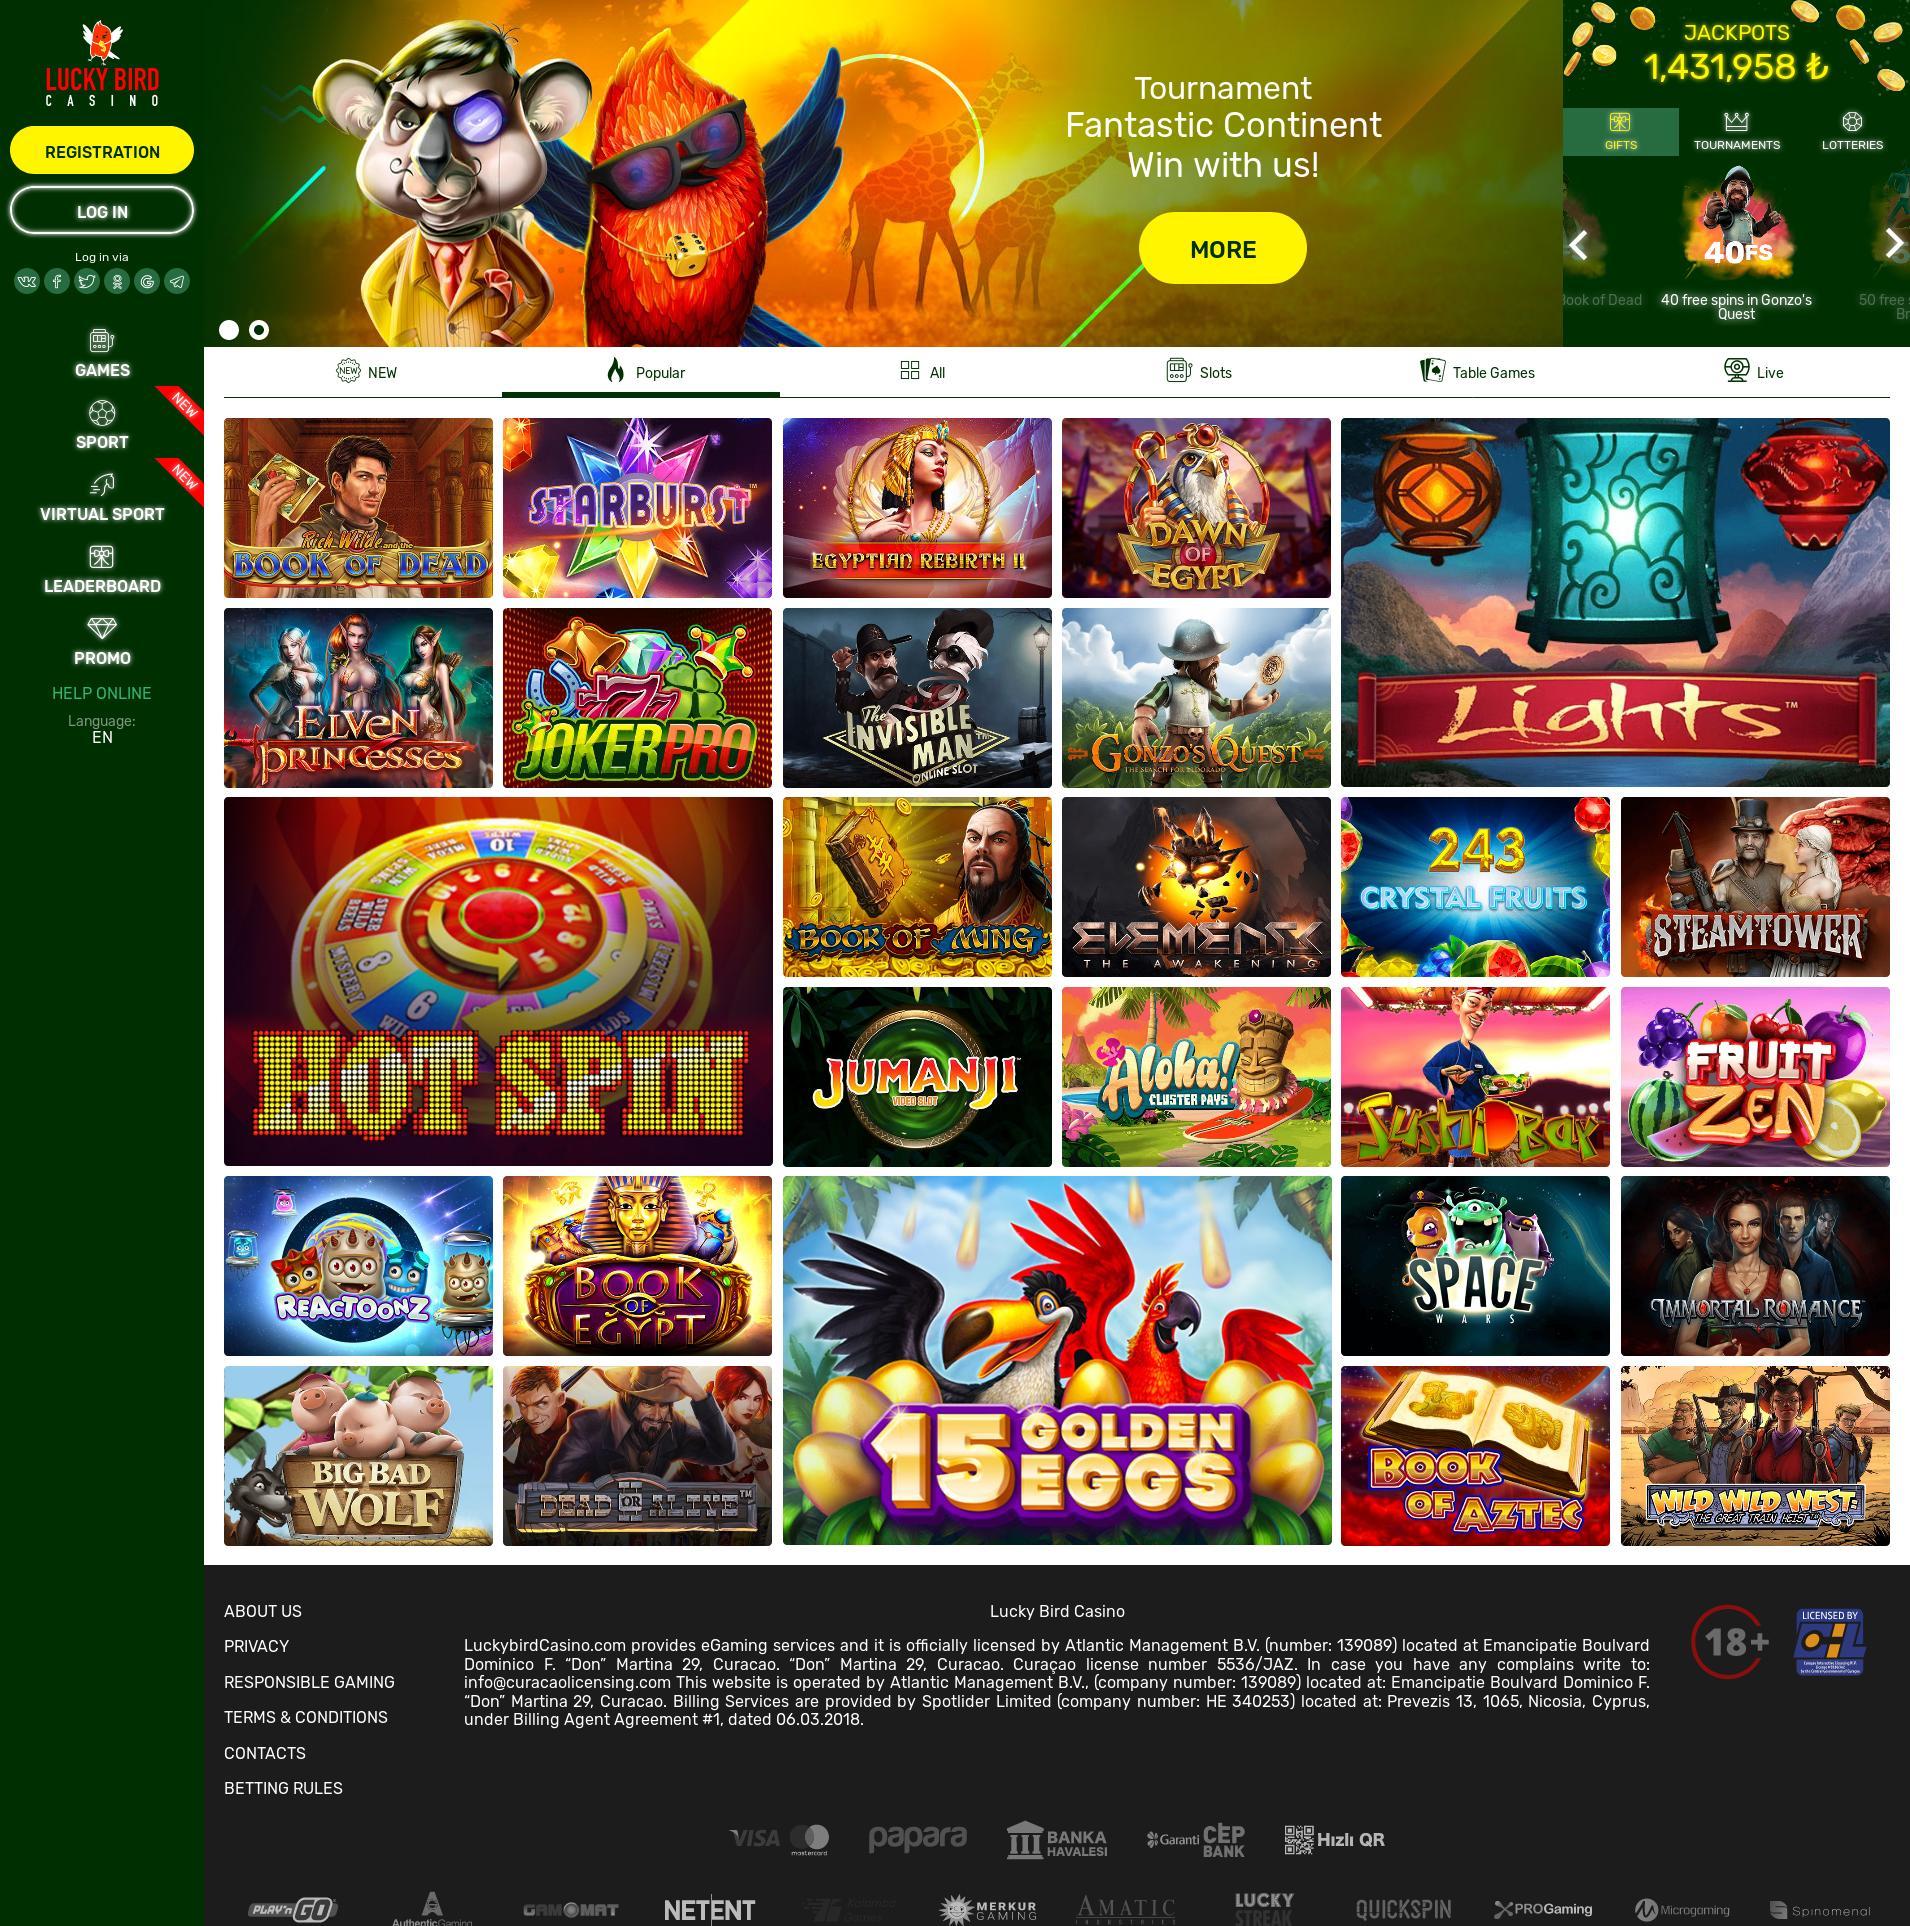 Casino ekranı Lobby 2020-03-29 için Türkiye